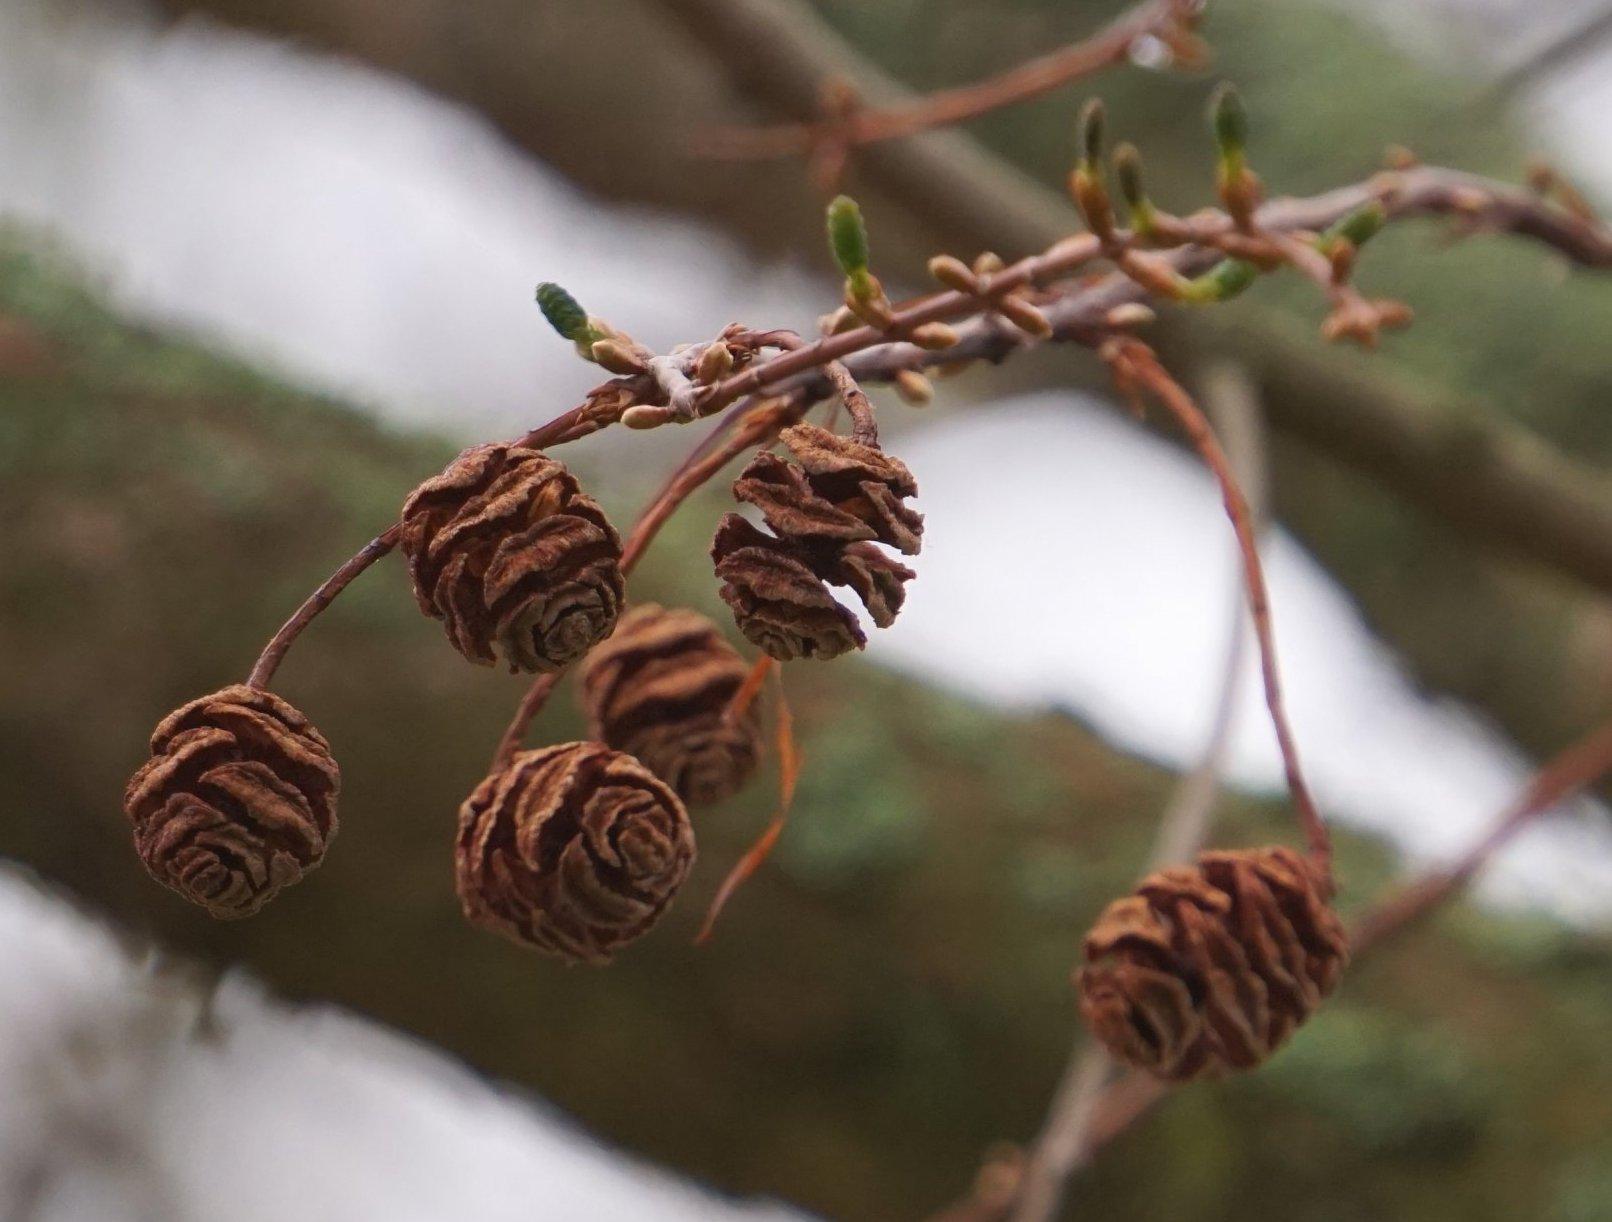 Das Bild zeigt die verholzten Zapfen des Vorjahres und neue grüne Blütenzapfen eines Urweltmammutbaumes im Kosmosviertel.